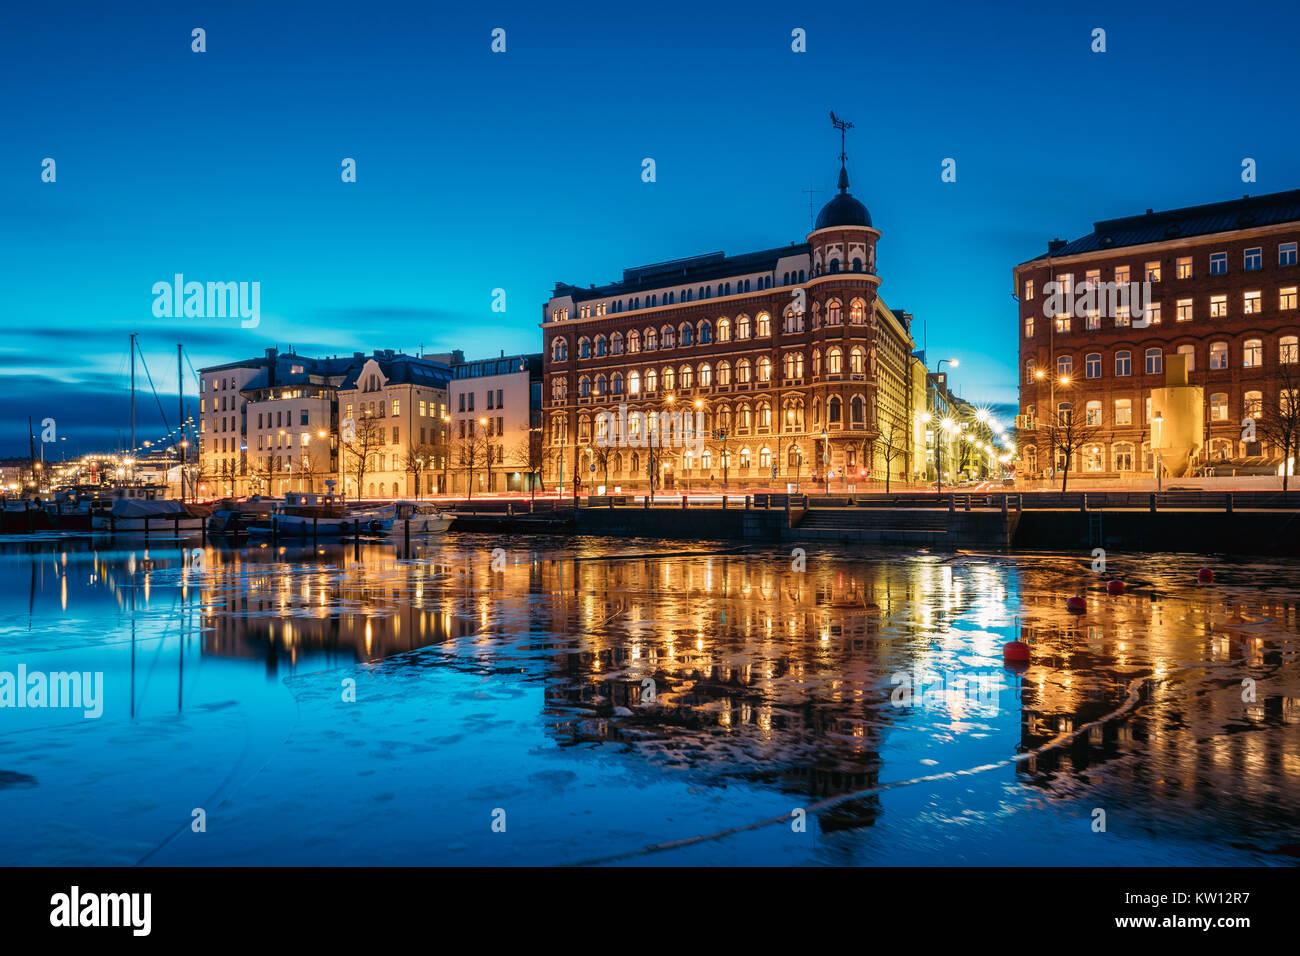 Helsinki, Finland. View Of Pohjoisranta Street In Evening Or Night Illumination. Stock Photo